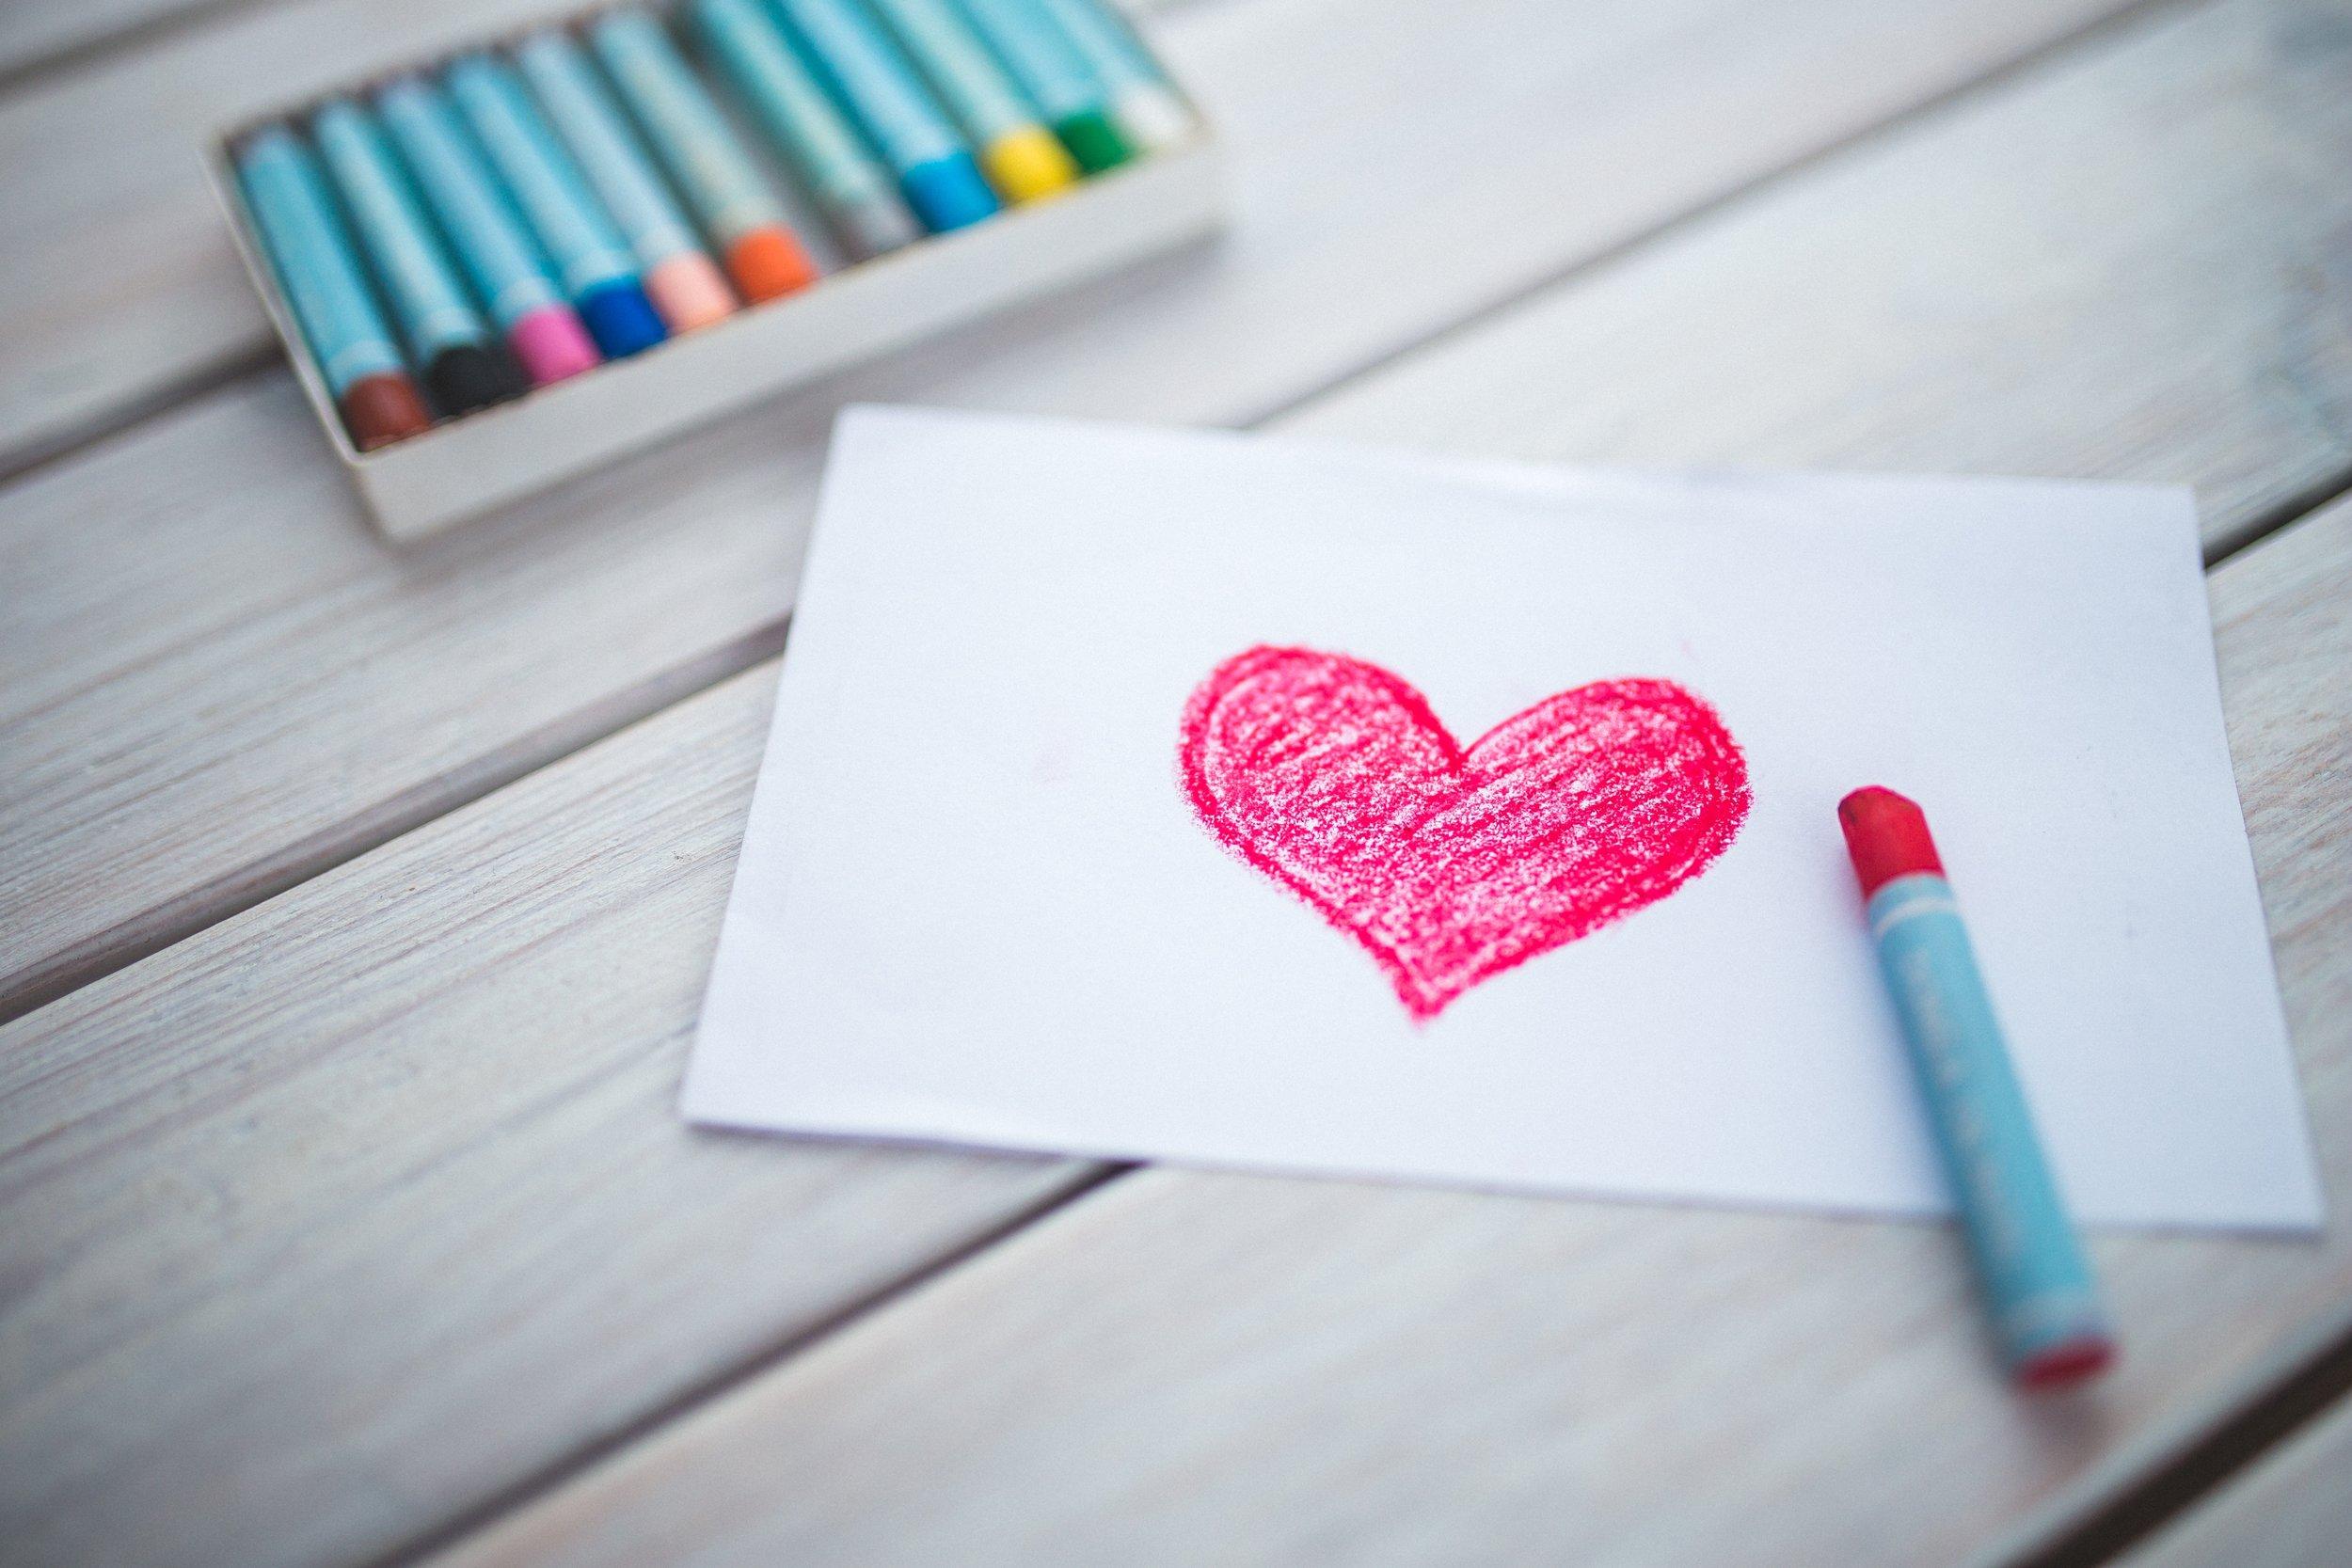 heart-762564.jpg